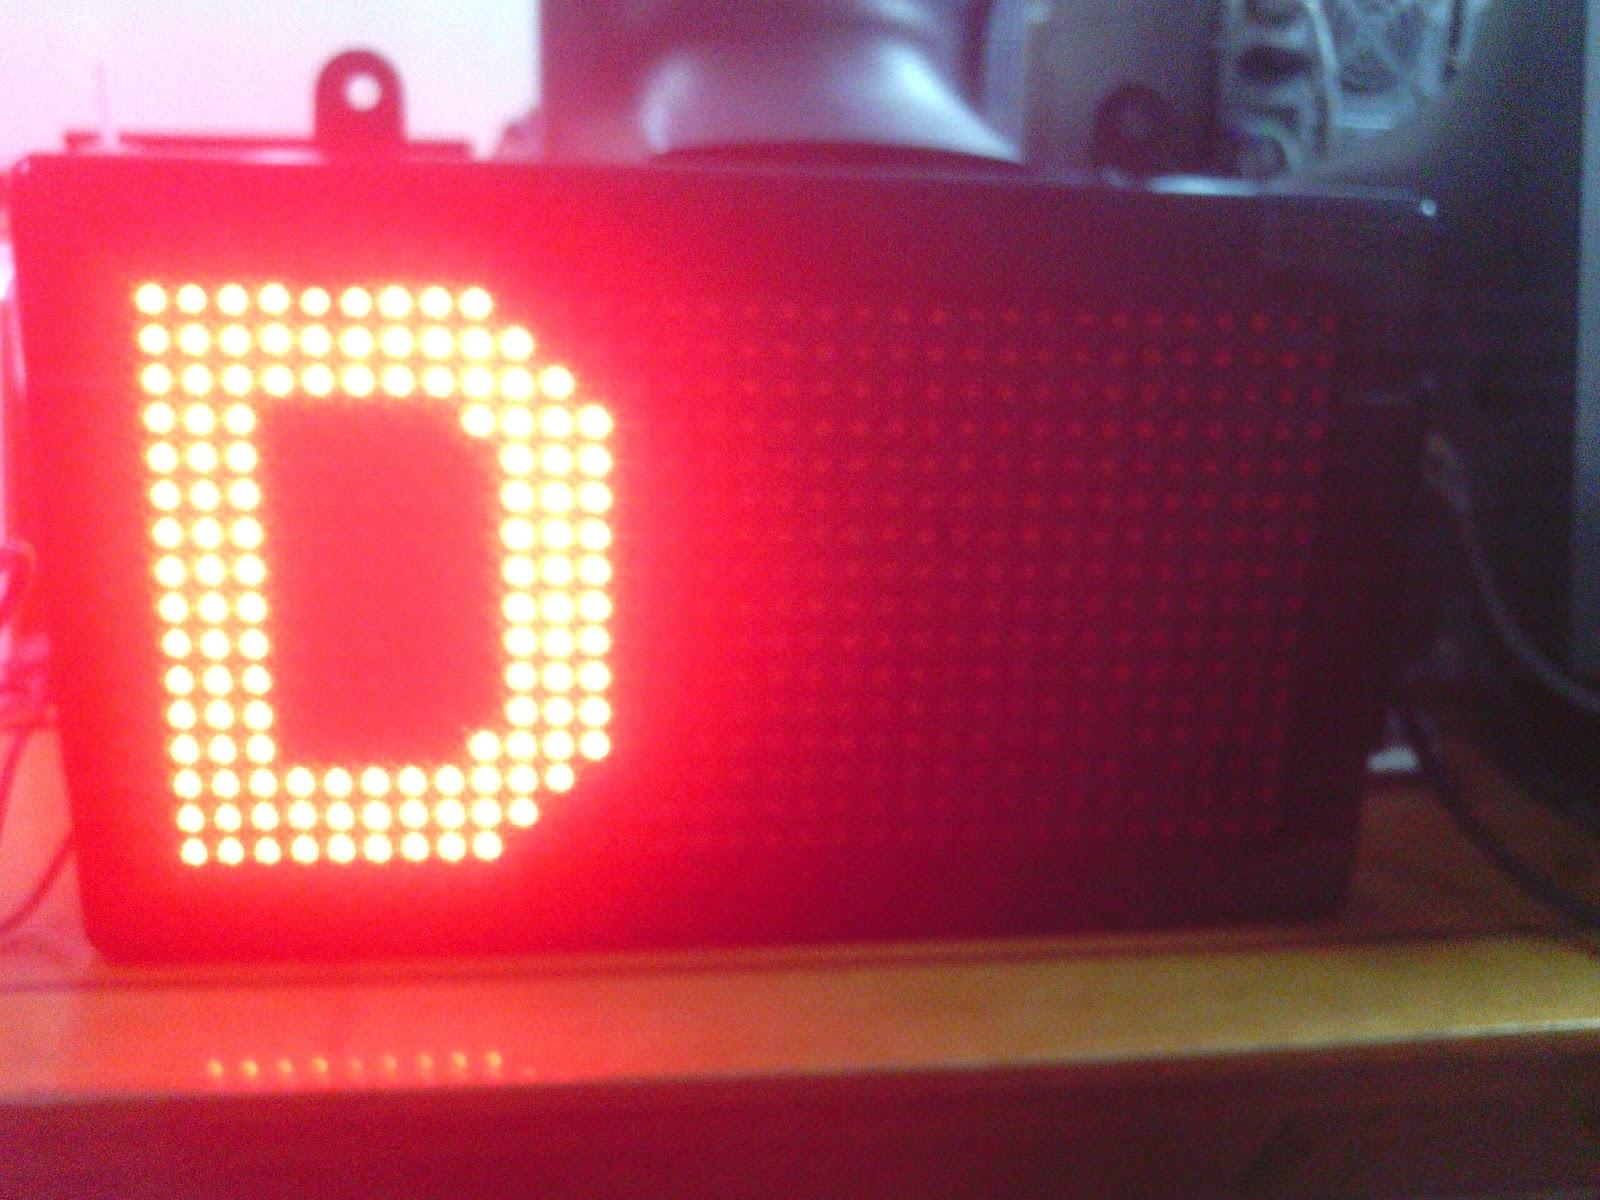 Led P10 Prata Group Modul Panel Running Text Hijau Green Outdoor Tersedia Pula Sparepart Untuk Membuat Harga 1 Merah Semi Out Door Rp 155000 185000